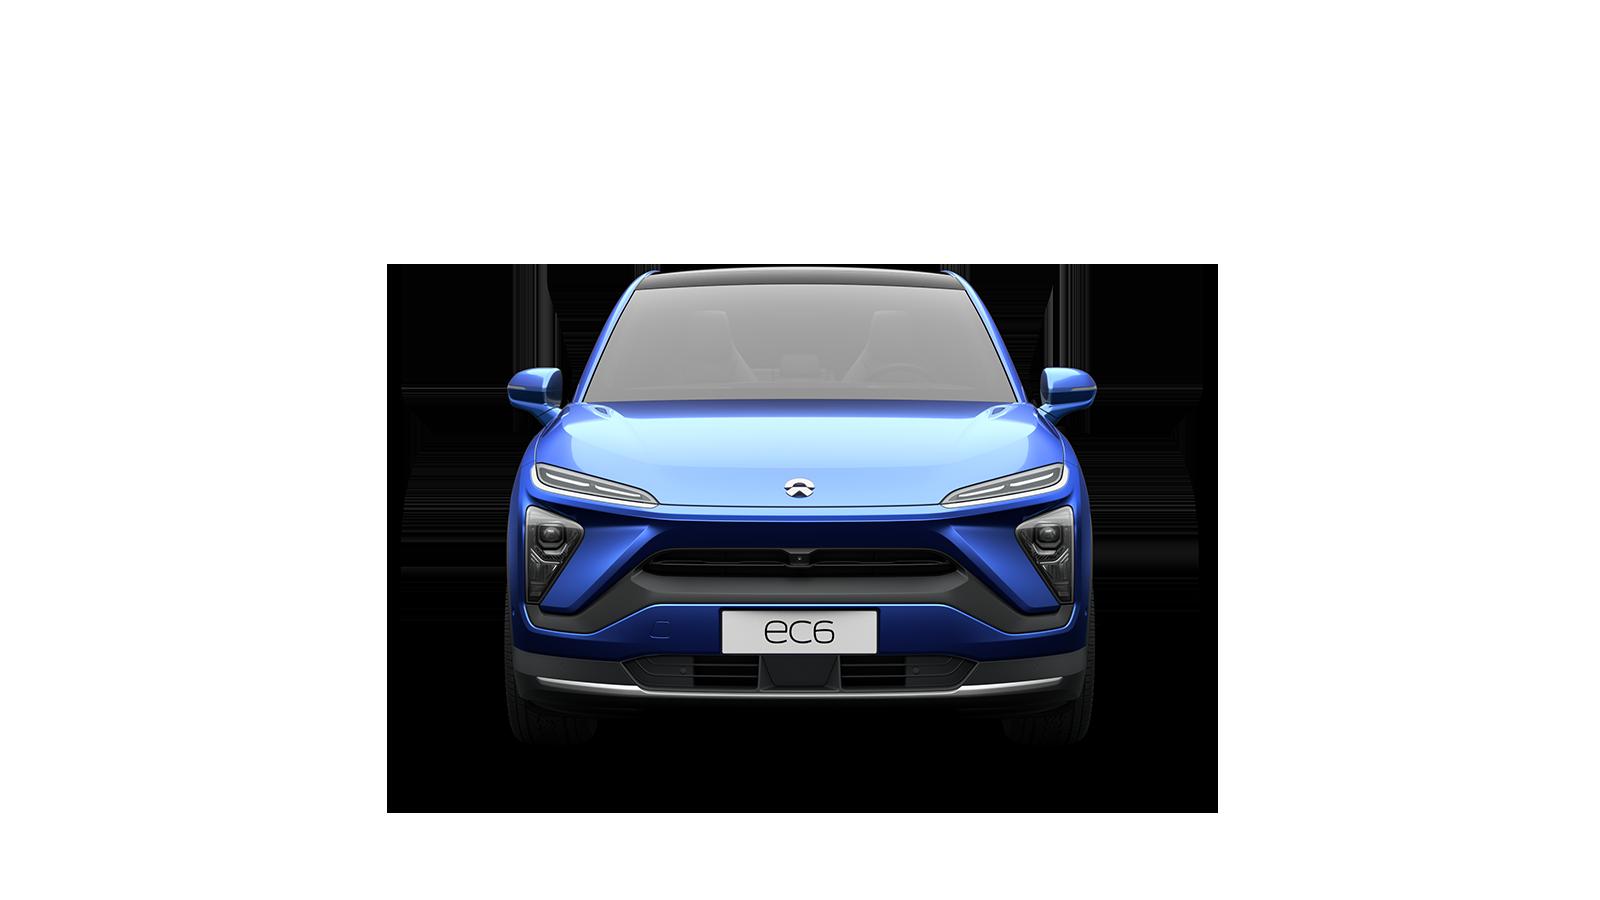 蔚来ec6外观图-重新定义轿跑SUV | 蔚来ec6车型页